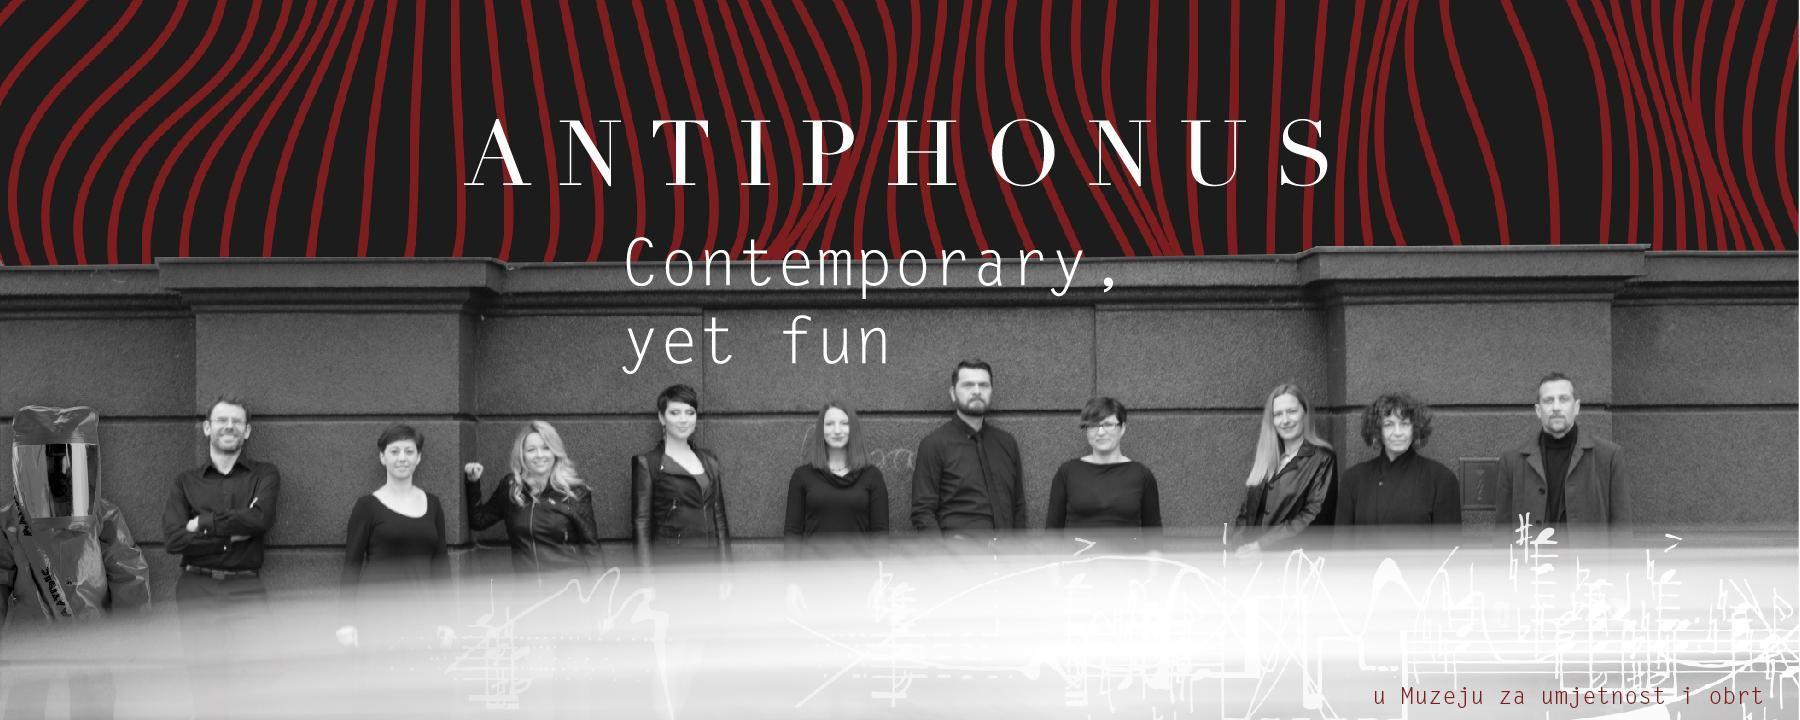 ANSAMBL ANTPHONUS Mađarski rock, madrigal, parlando burleske i gosti iznenađenja